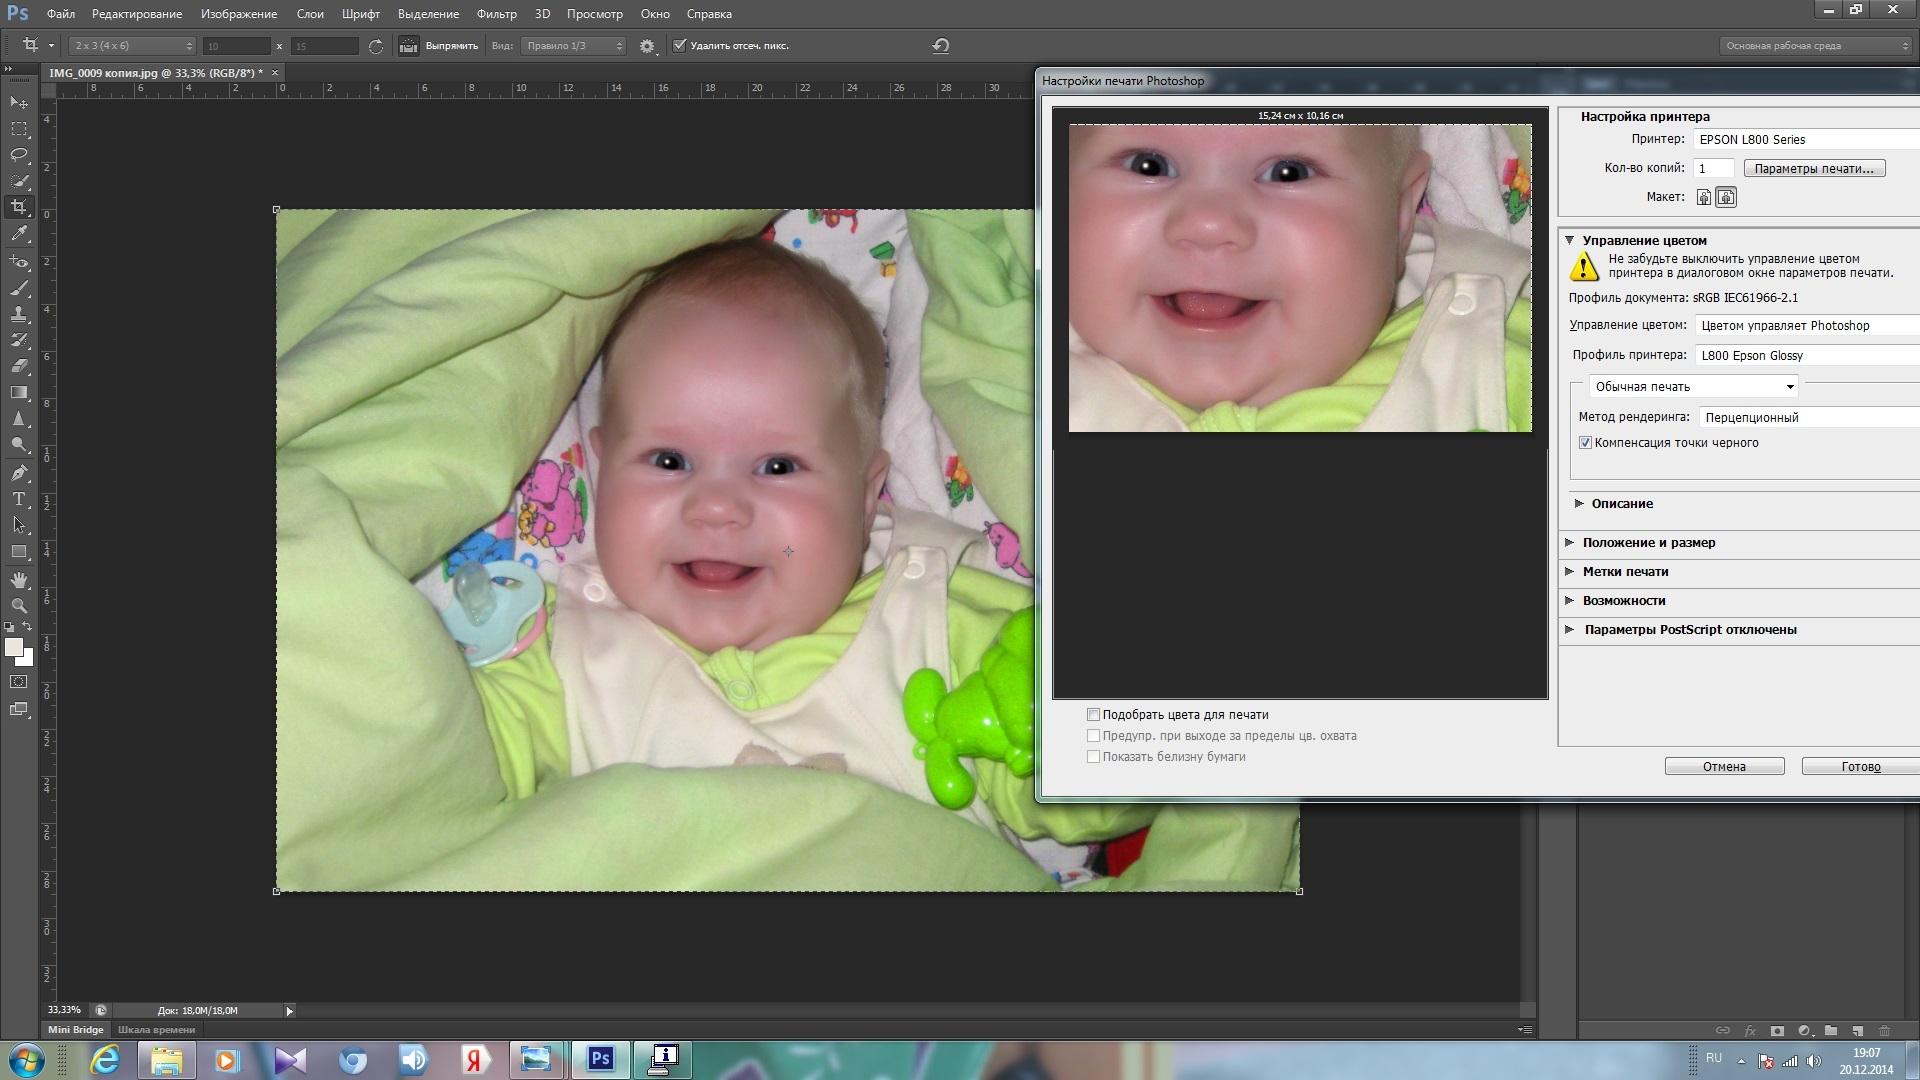 как распечатать фото 10 на 15 из фотошоп